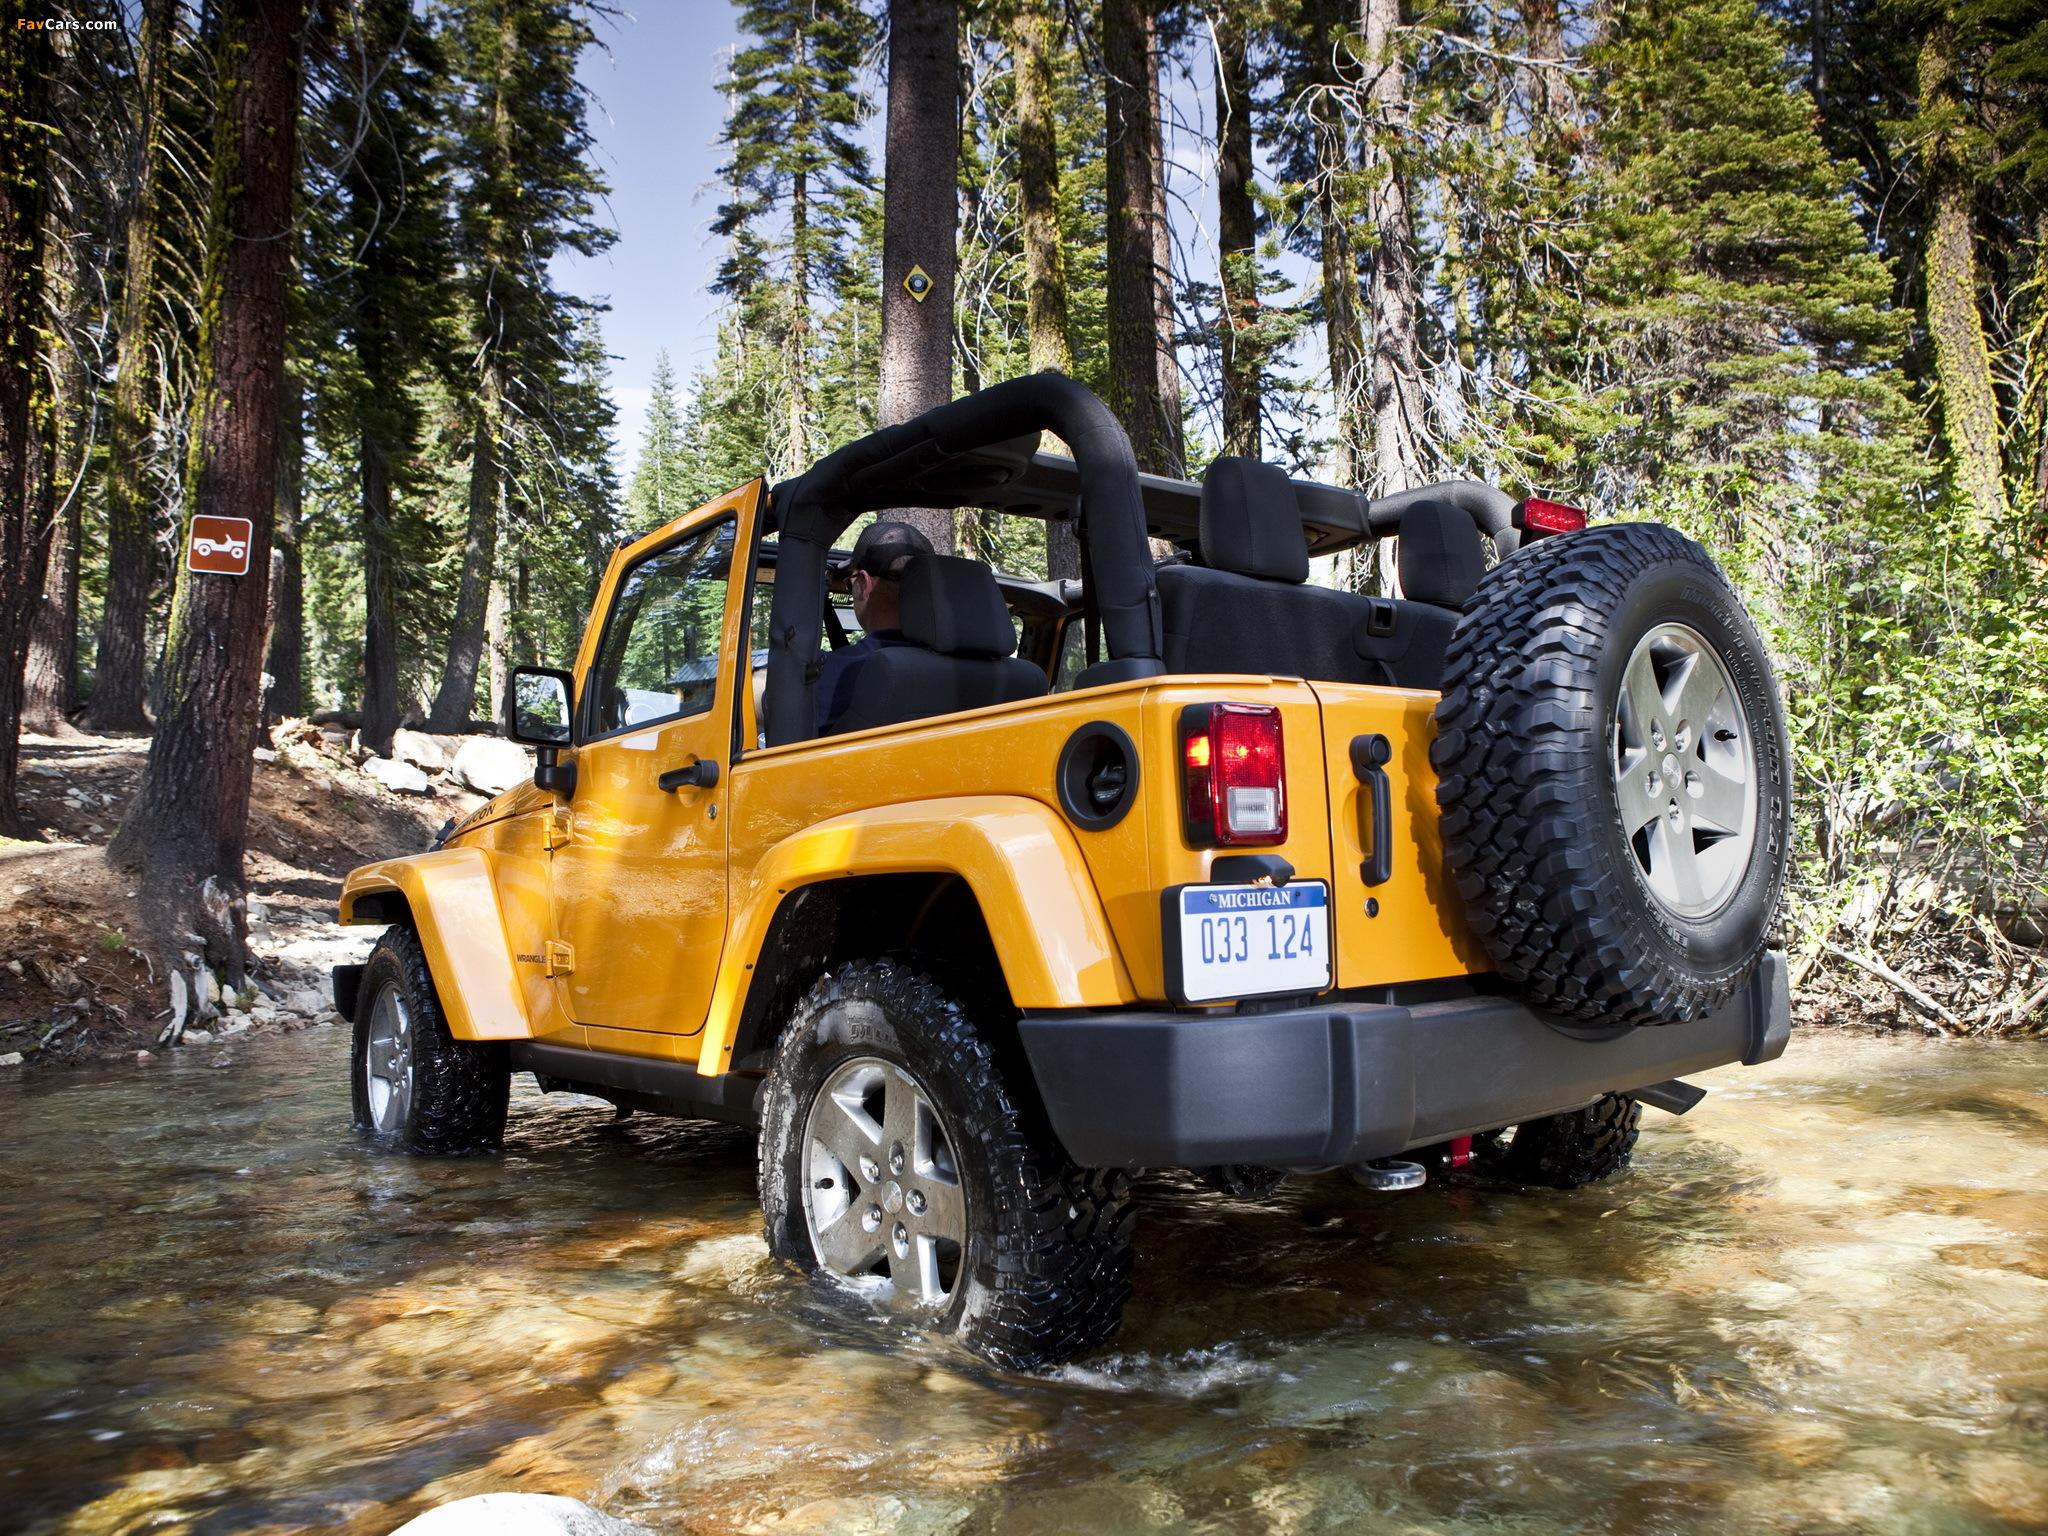 Jeep Wrangler Rubicon (JK) 2010 photos (2048 x 1536)